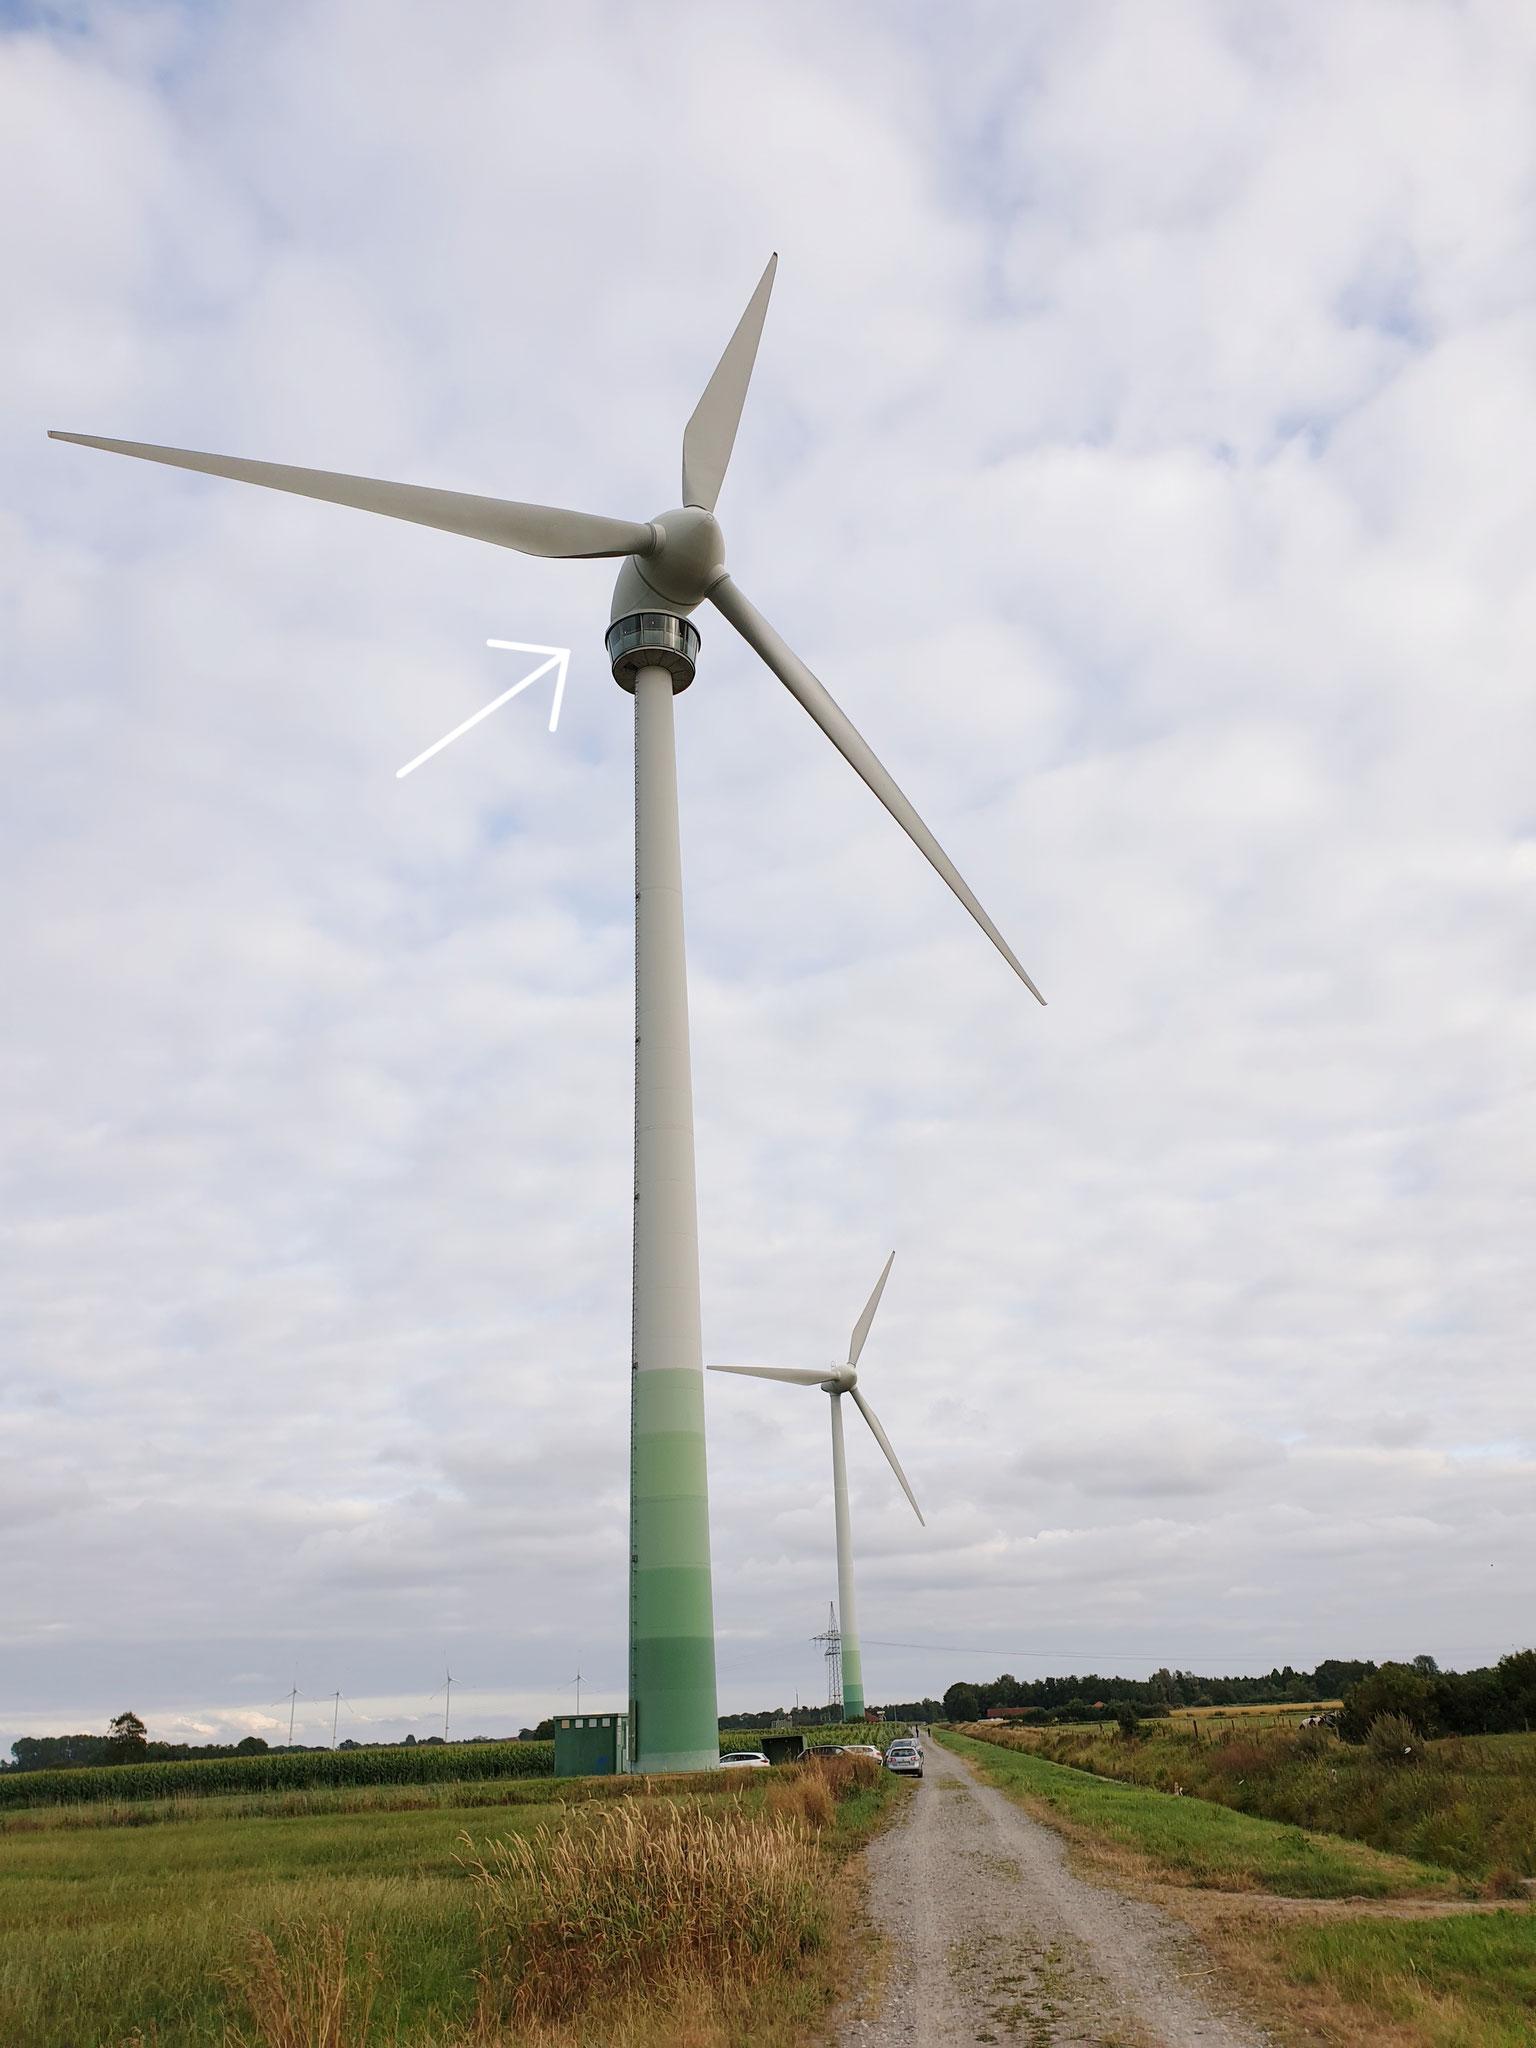 Ausflugsziel: Begehbare Windkraftanlage in Westerholt, ca. 30 km von der Fewo